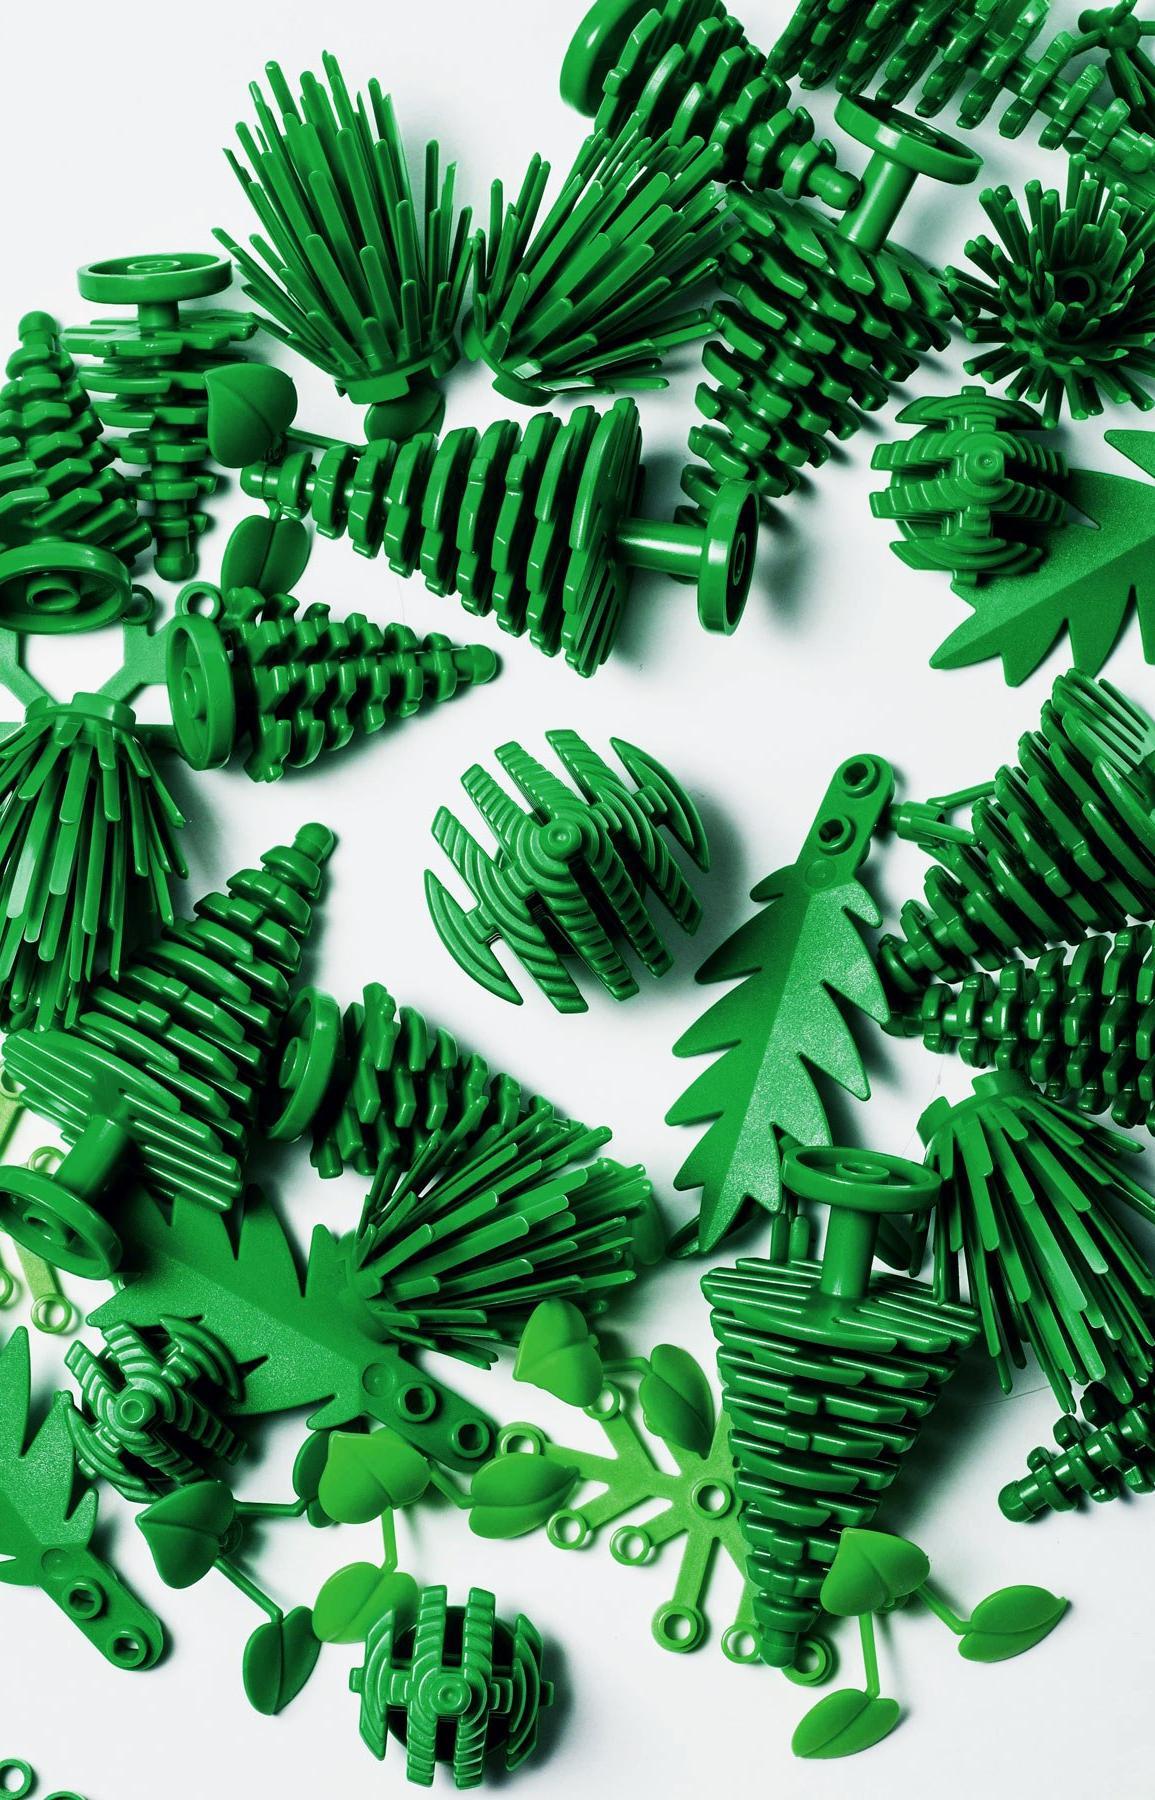 Появились первые конструкторы LEGO из сахарного тростника